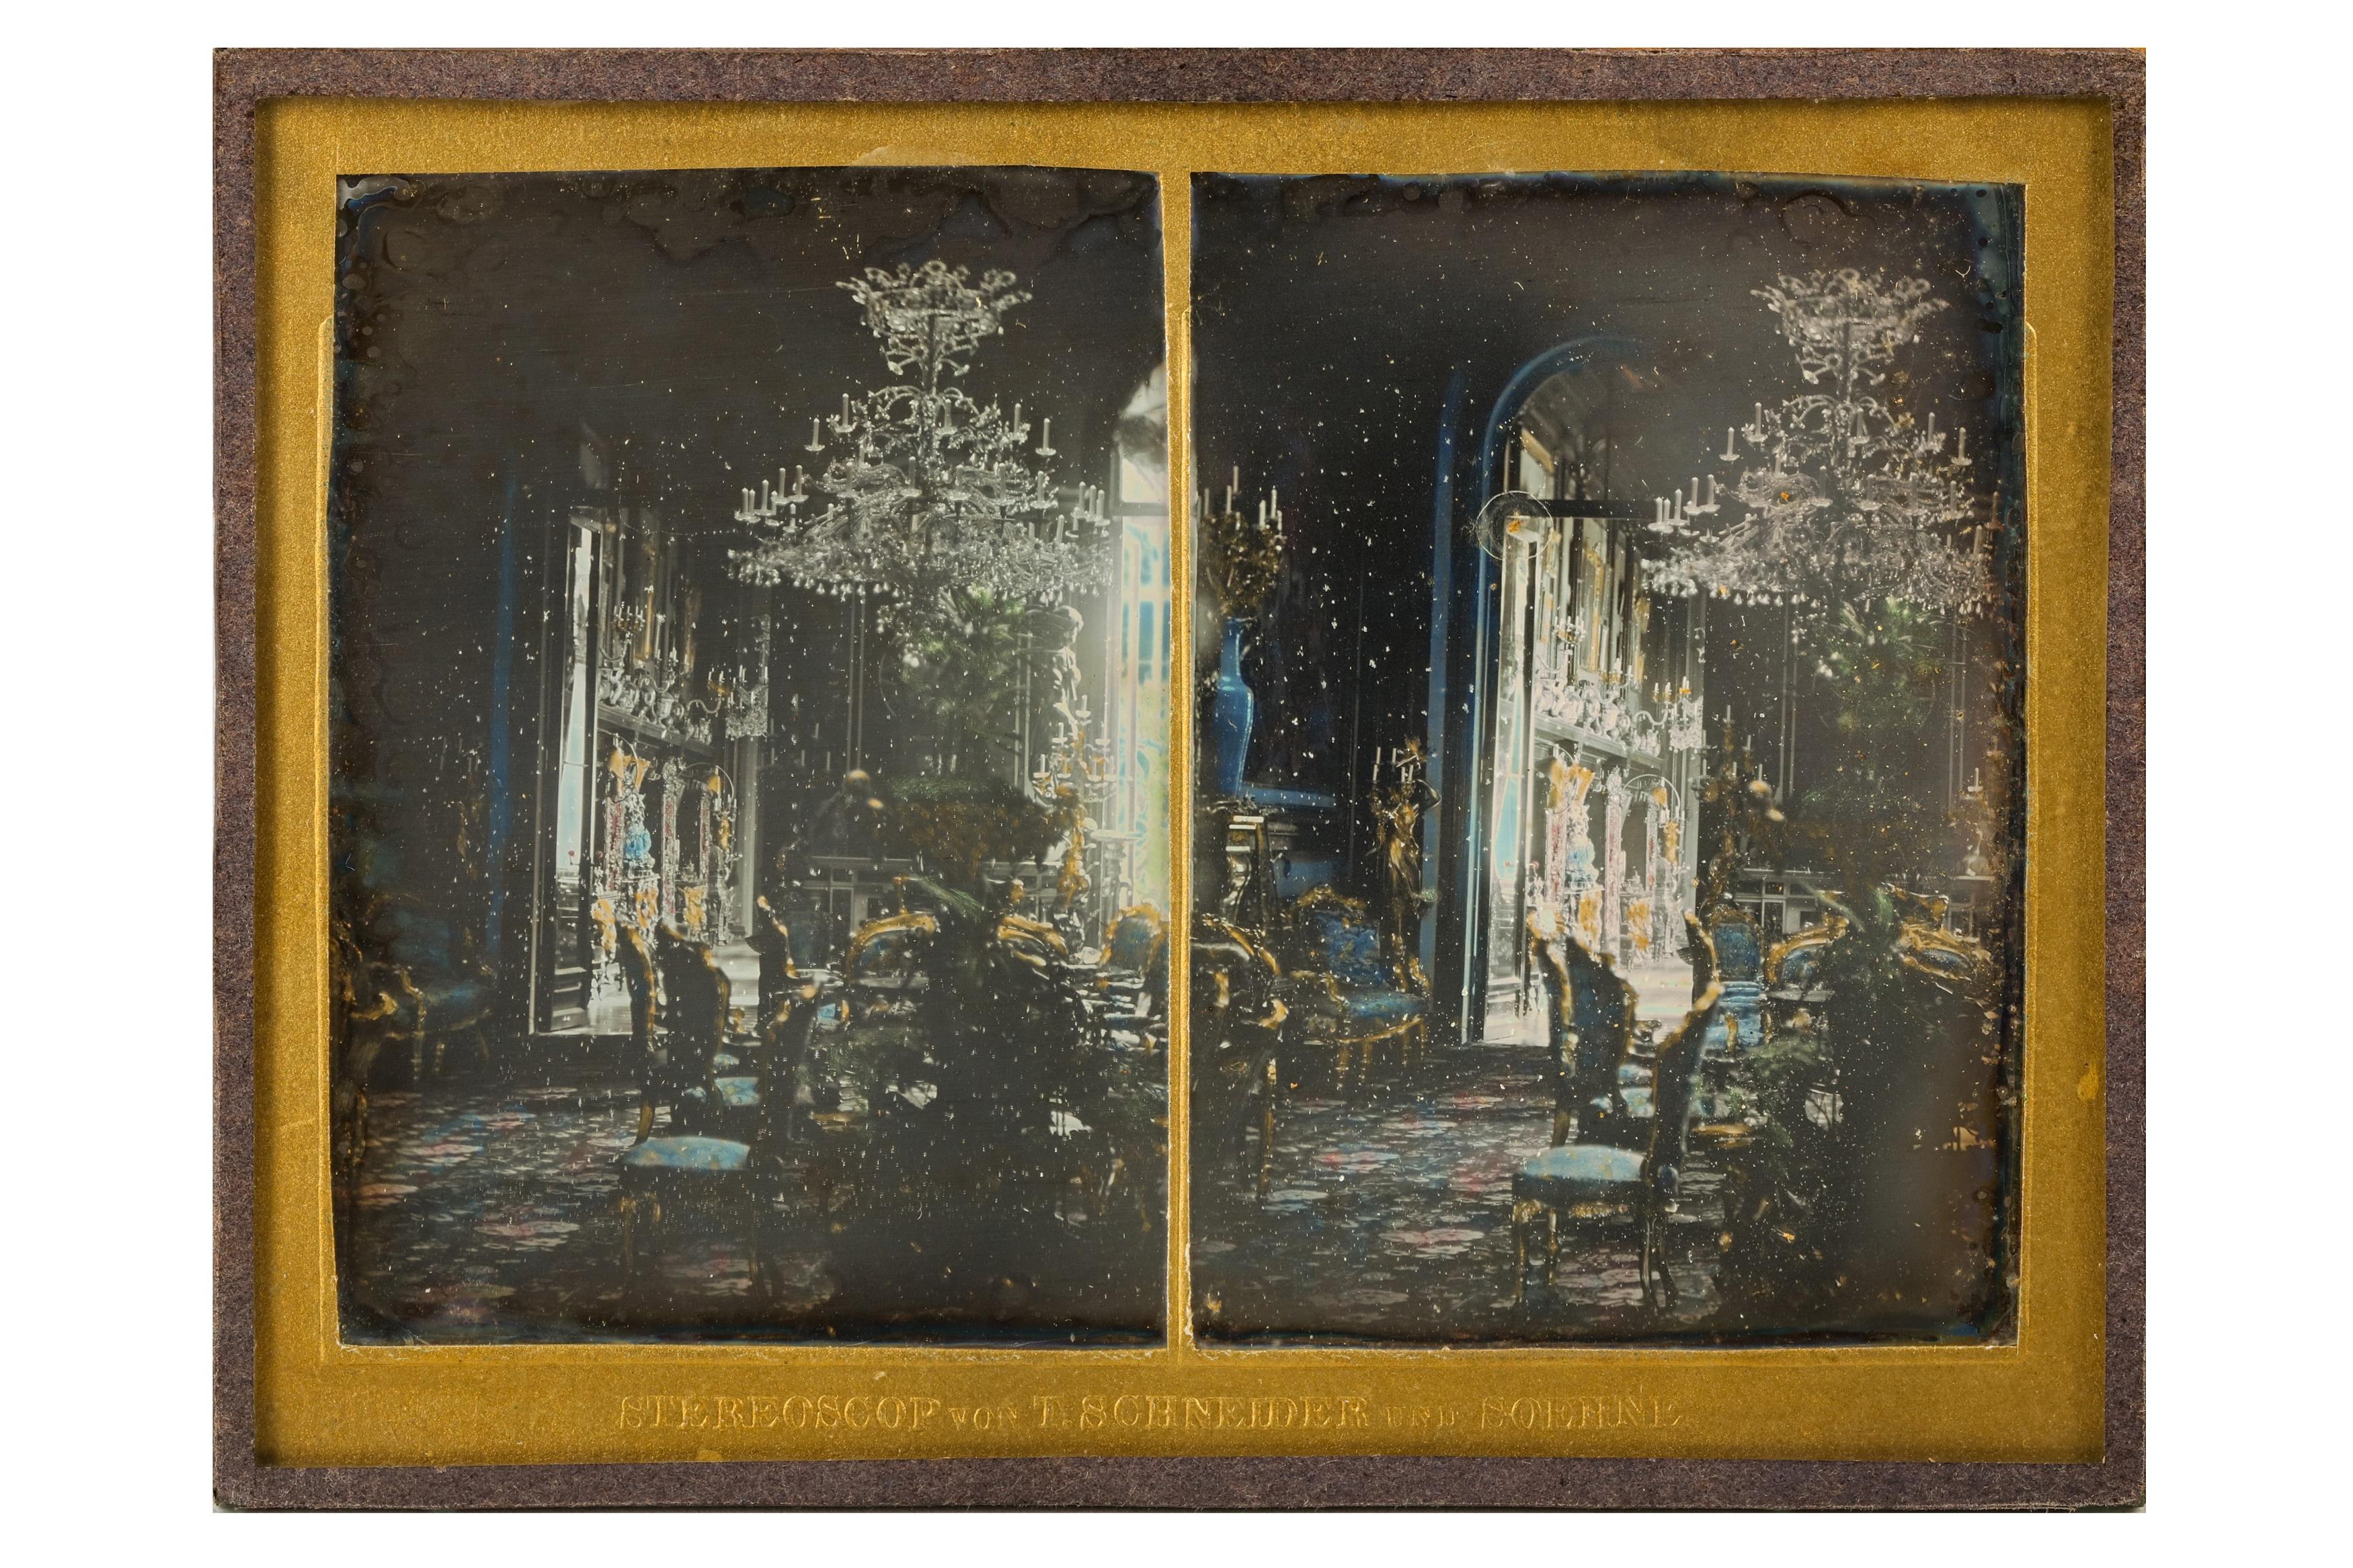 T. SCHNEIDER & SONS (1847-1921) - Image 13 of 22